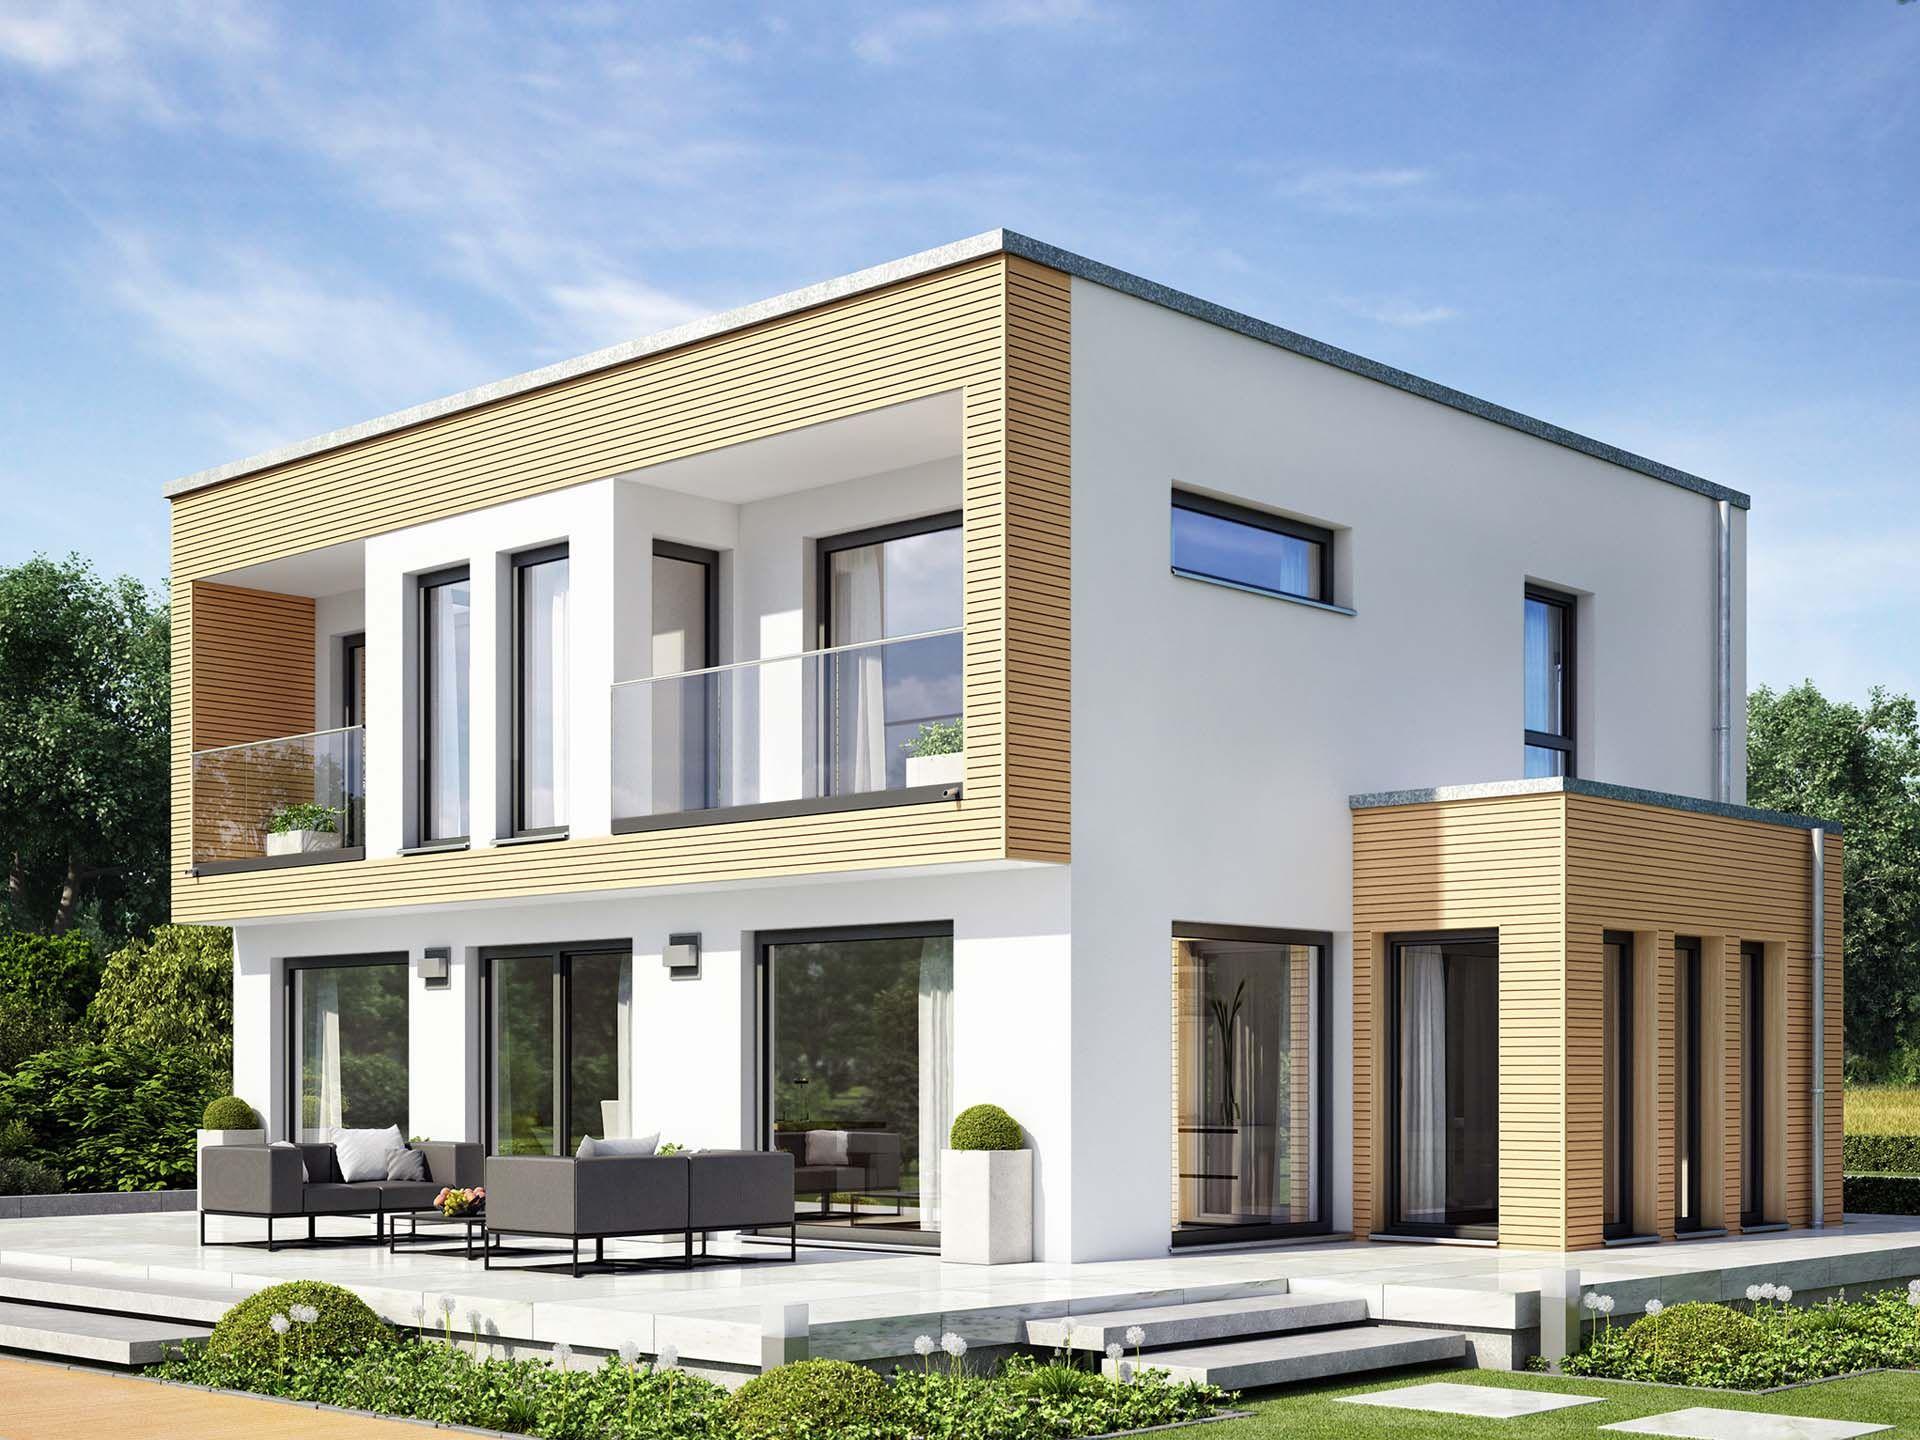 Evolution 154 v8 • einfamilienhaus von bien zenker • elegant modernes fertighaus mit fassadenrahmen